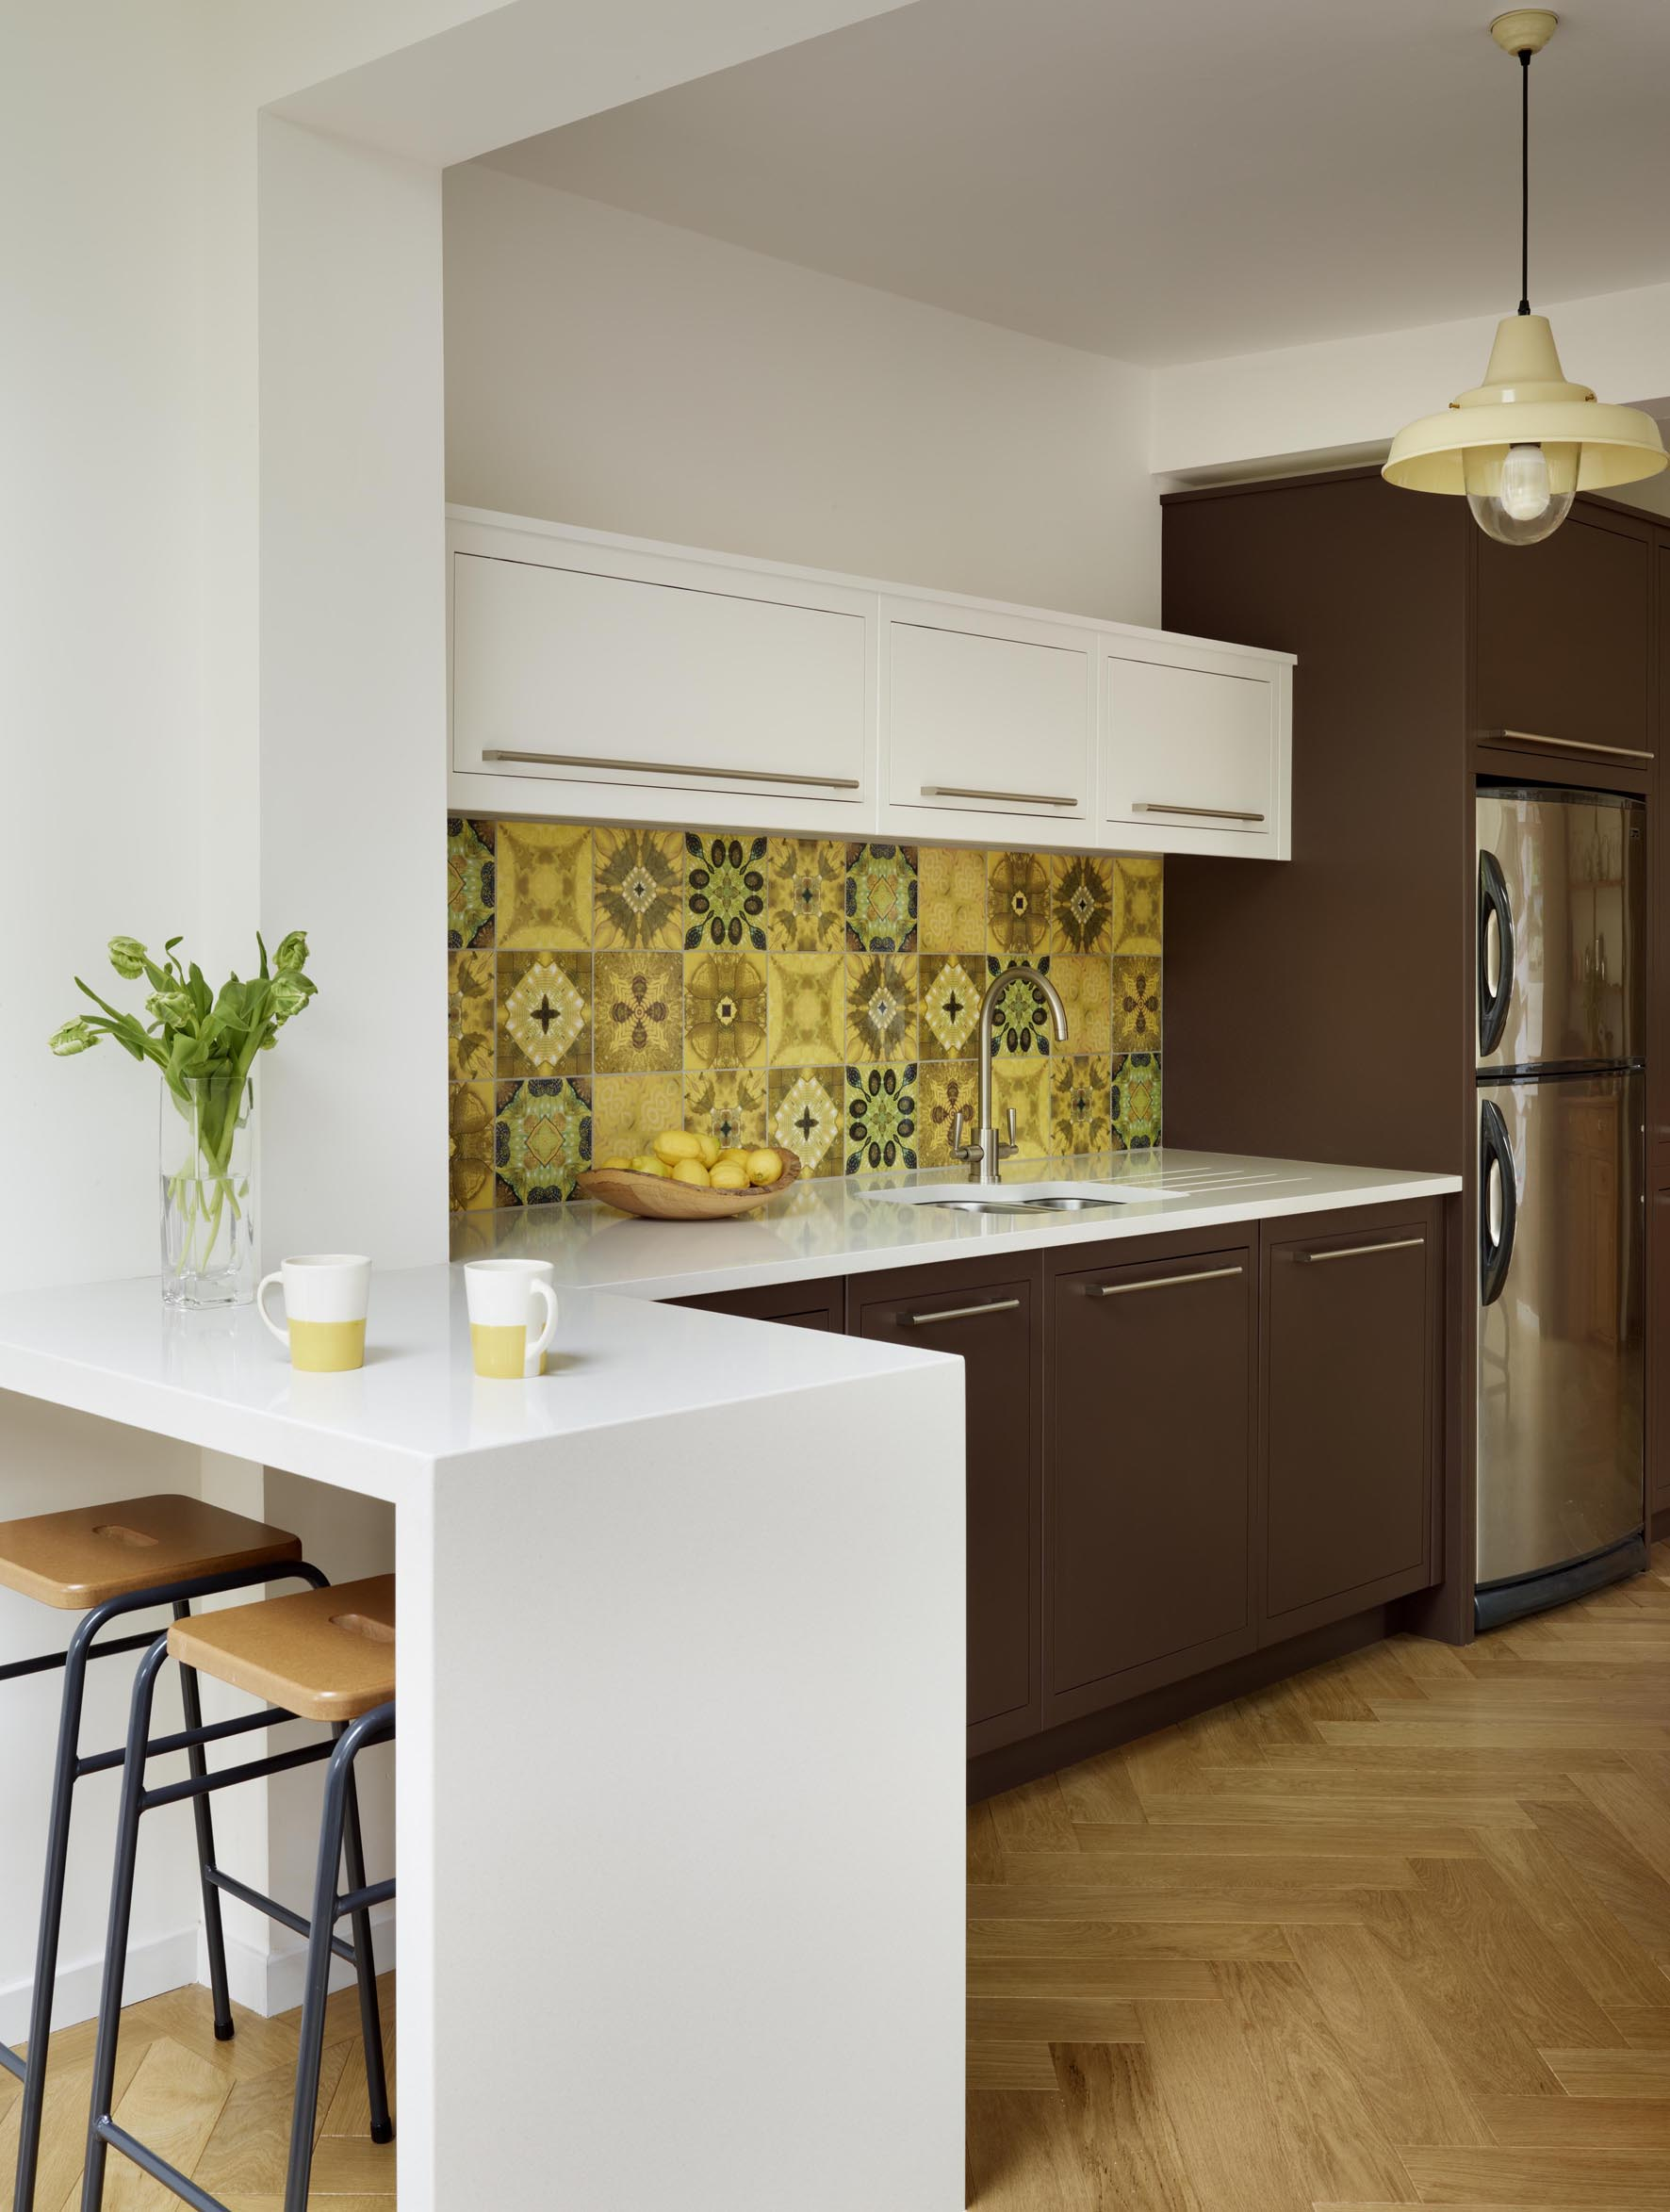 Cool Kleine Moderne Küche Galerie Von Moderne-küche-in-dunkelbraun-mit-weißer-theke